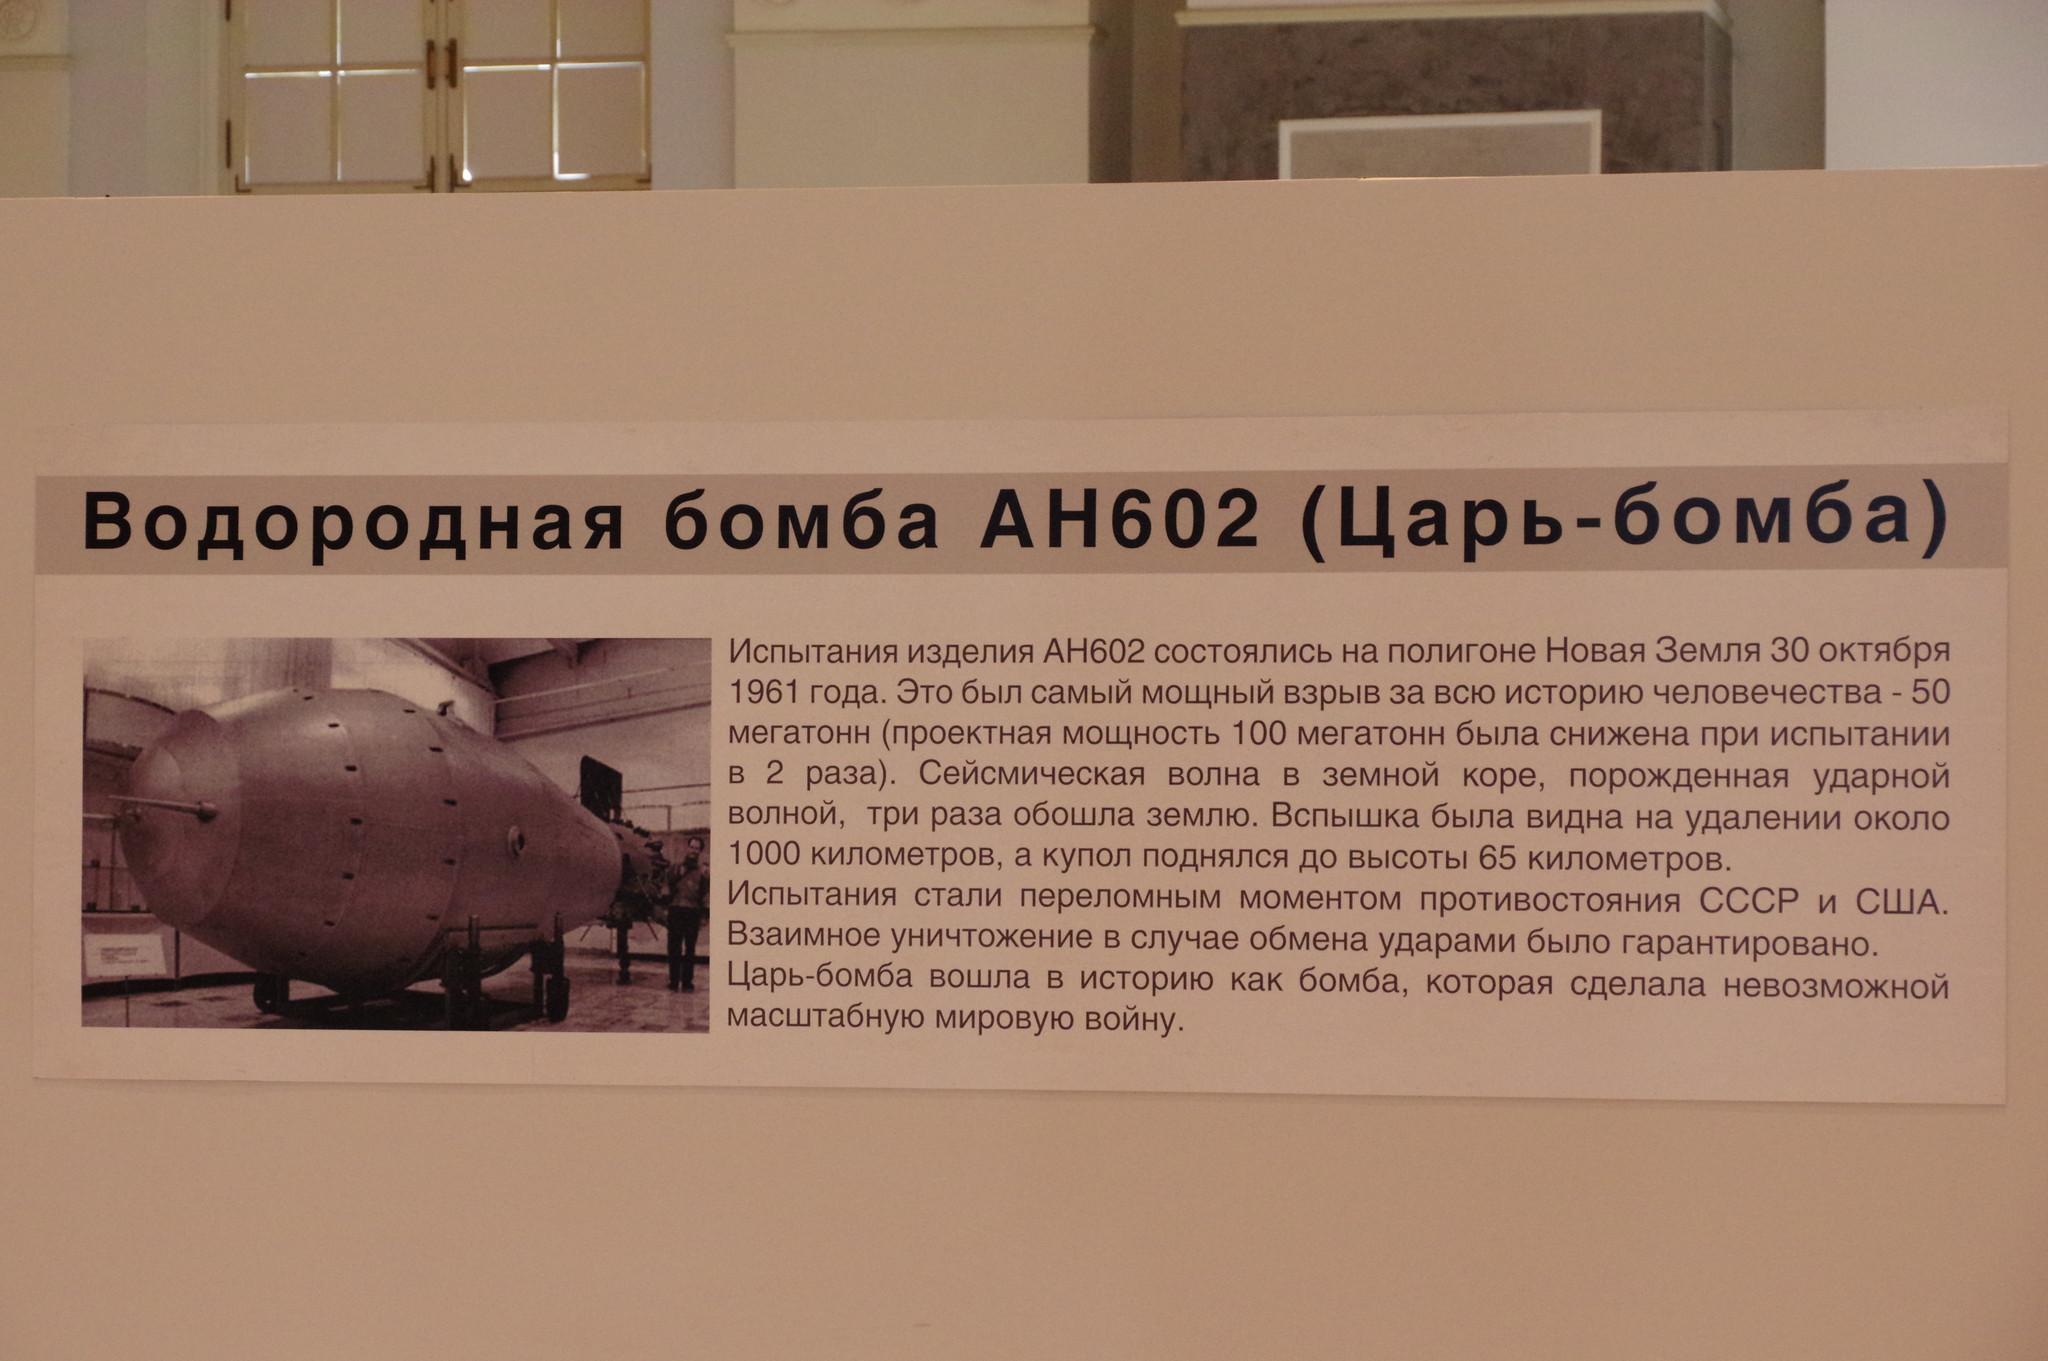 Стенд на культурно-исторической выставке «70 лет атомной отрасли. Цепная реакция успеха» в Манеже